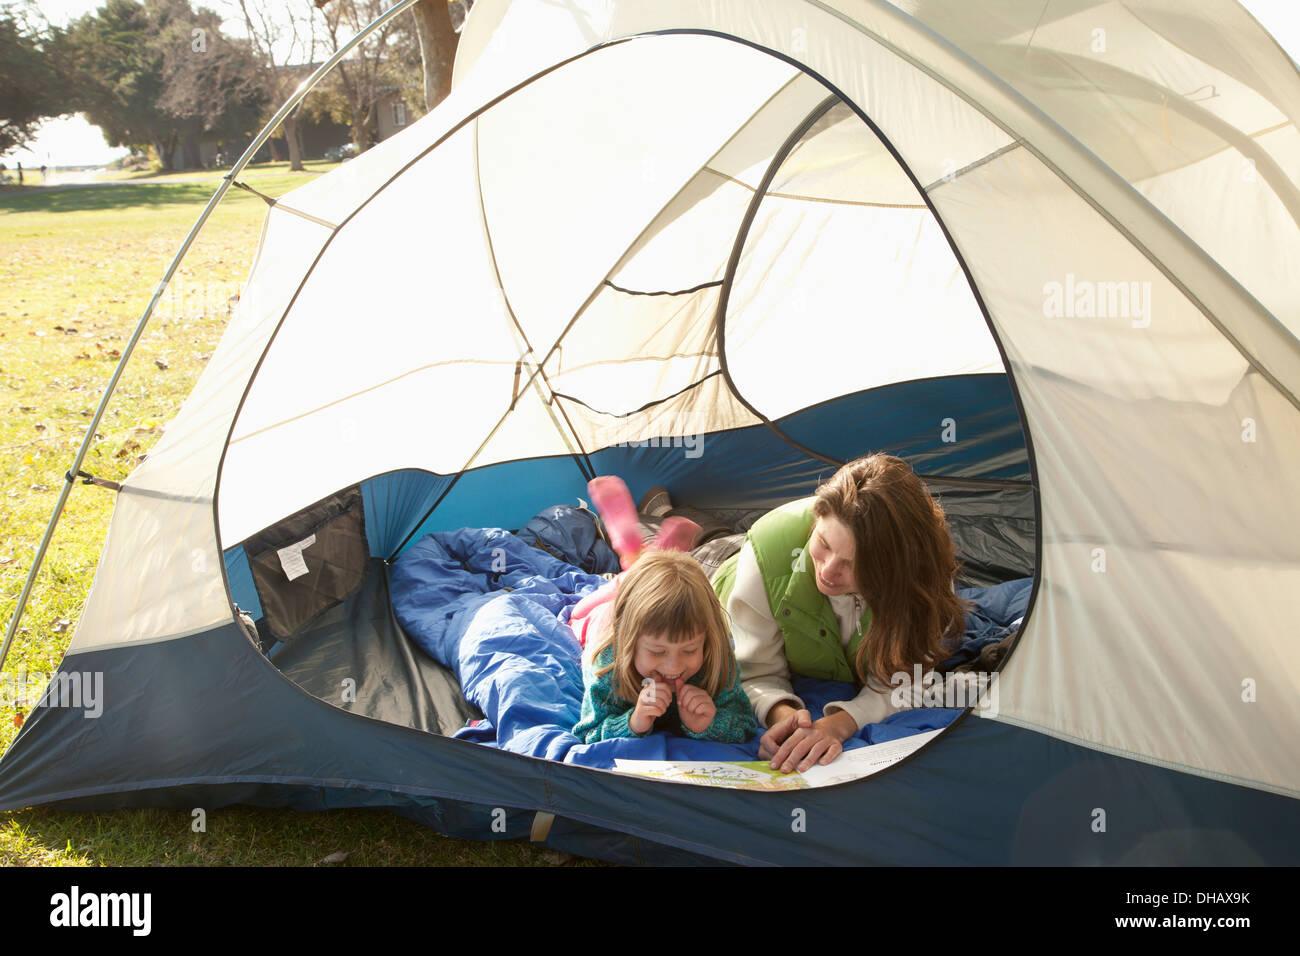 Eine Mutter und Tochter lag In einem Zelt ein Buch zu lesen; Crab Cove, Alemada, California, Vereinigte Staaten von Amerika Stockbild